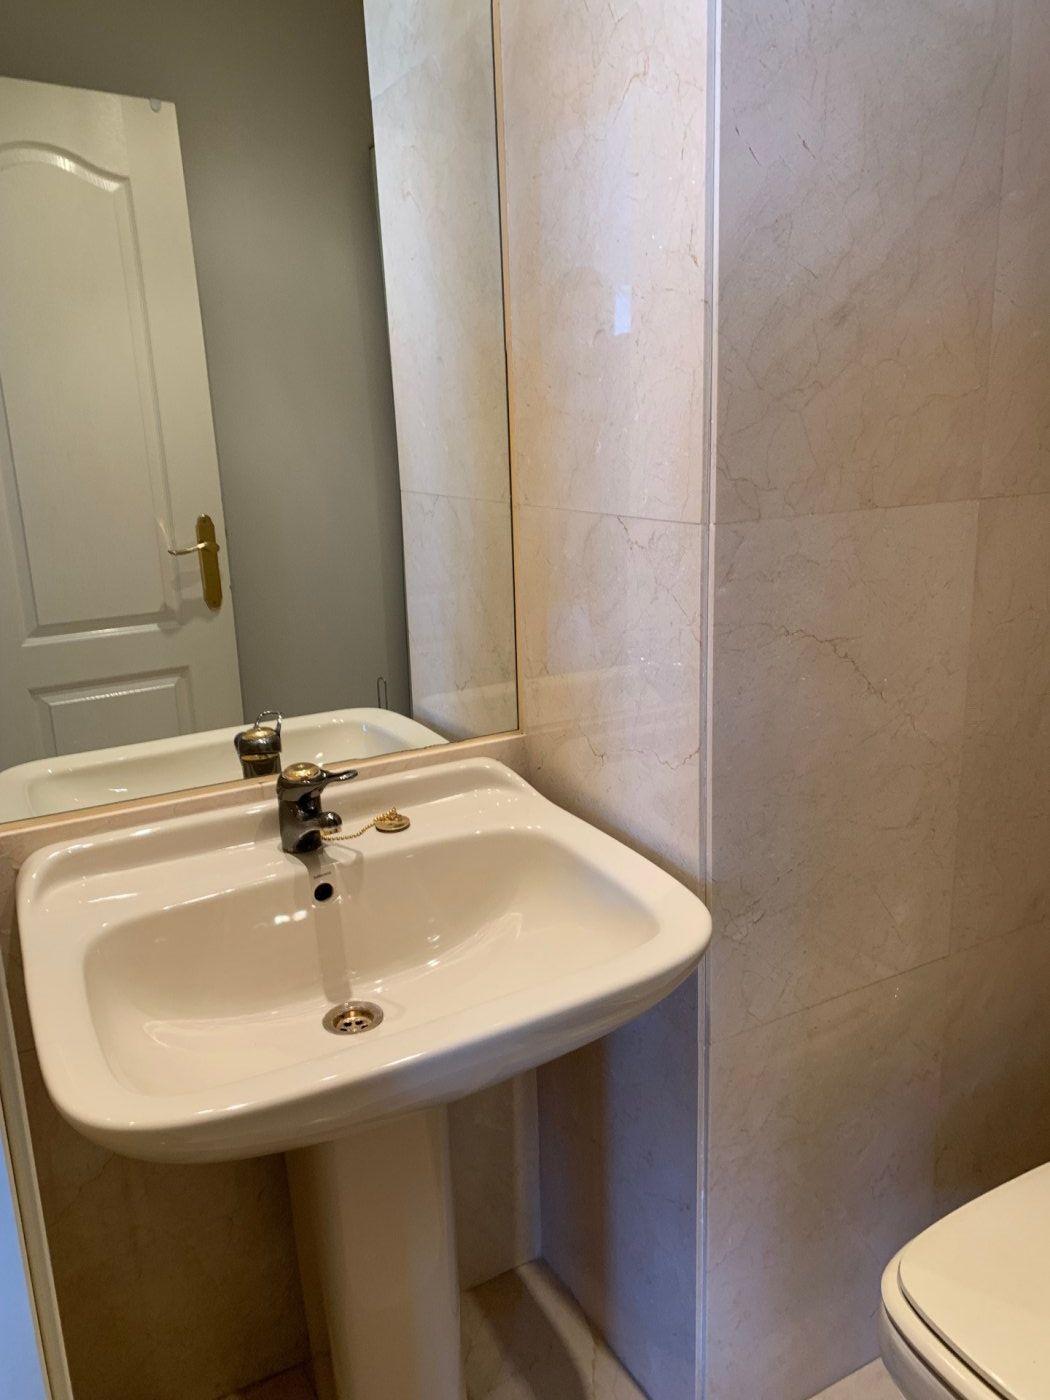 Venta o alquiler de piso en madrid - imagenInmueble28